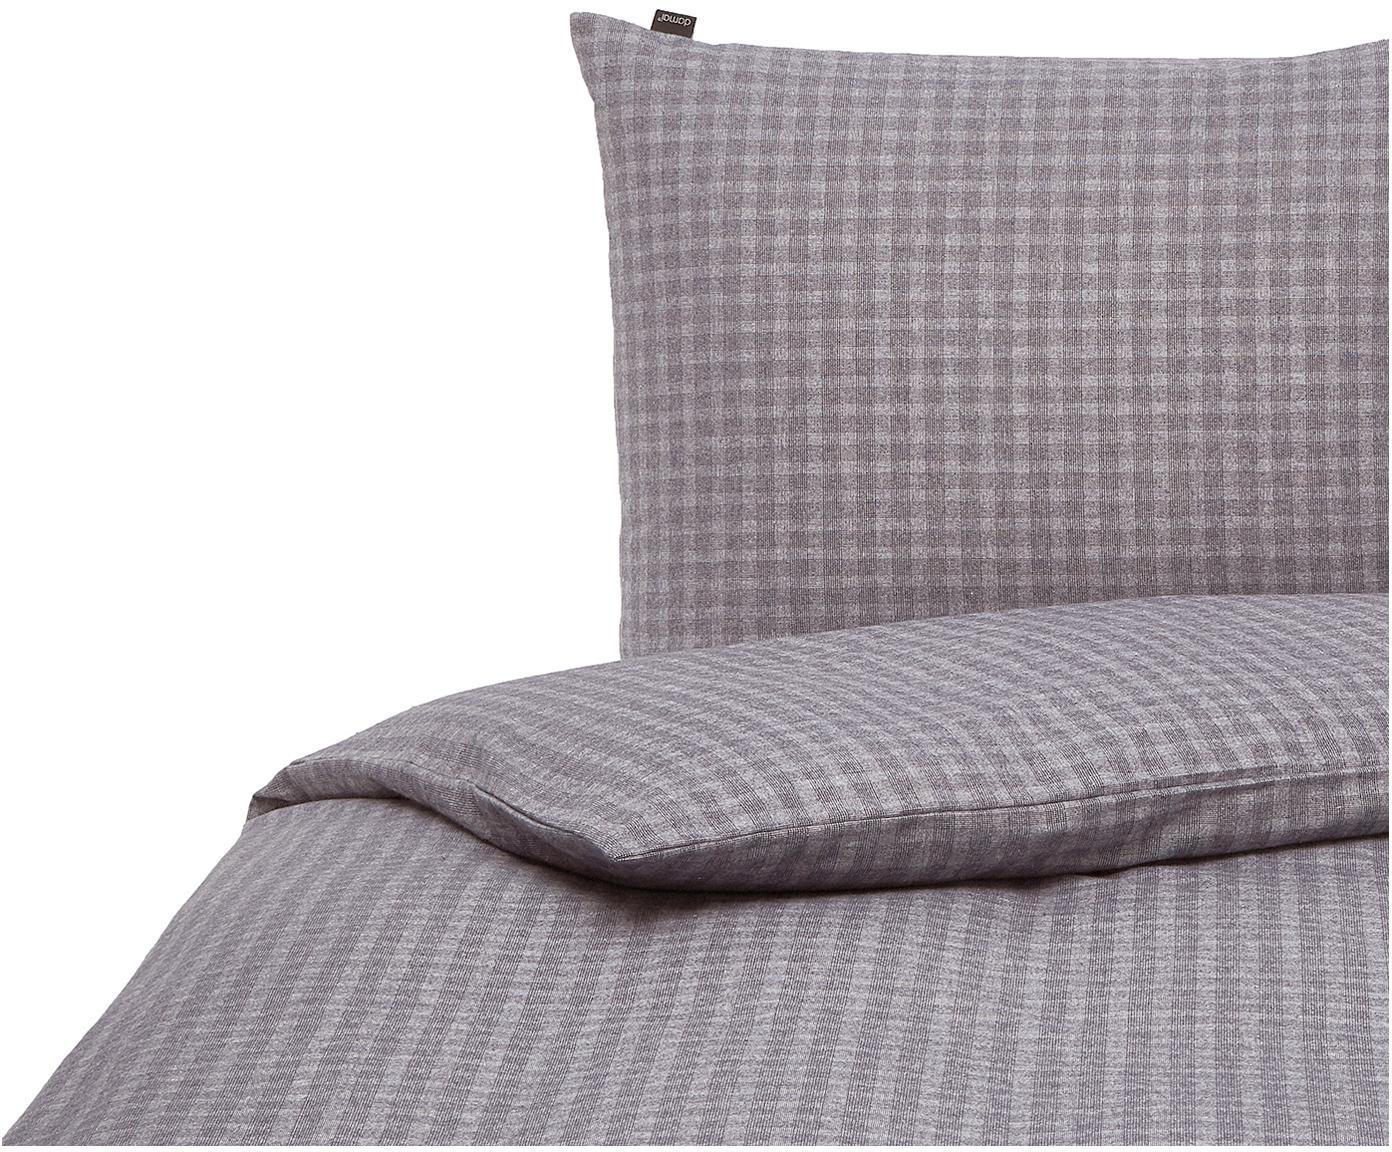 Flanell-Bettwäsche Pitch, kariert, Webart: Flanell Flanell ist ein s, Anthrazit, Grau, 135 x 200 cm + 1 Kissen 80 x 80 cm